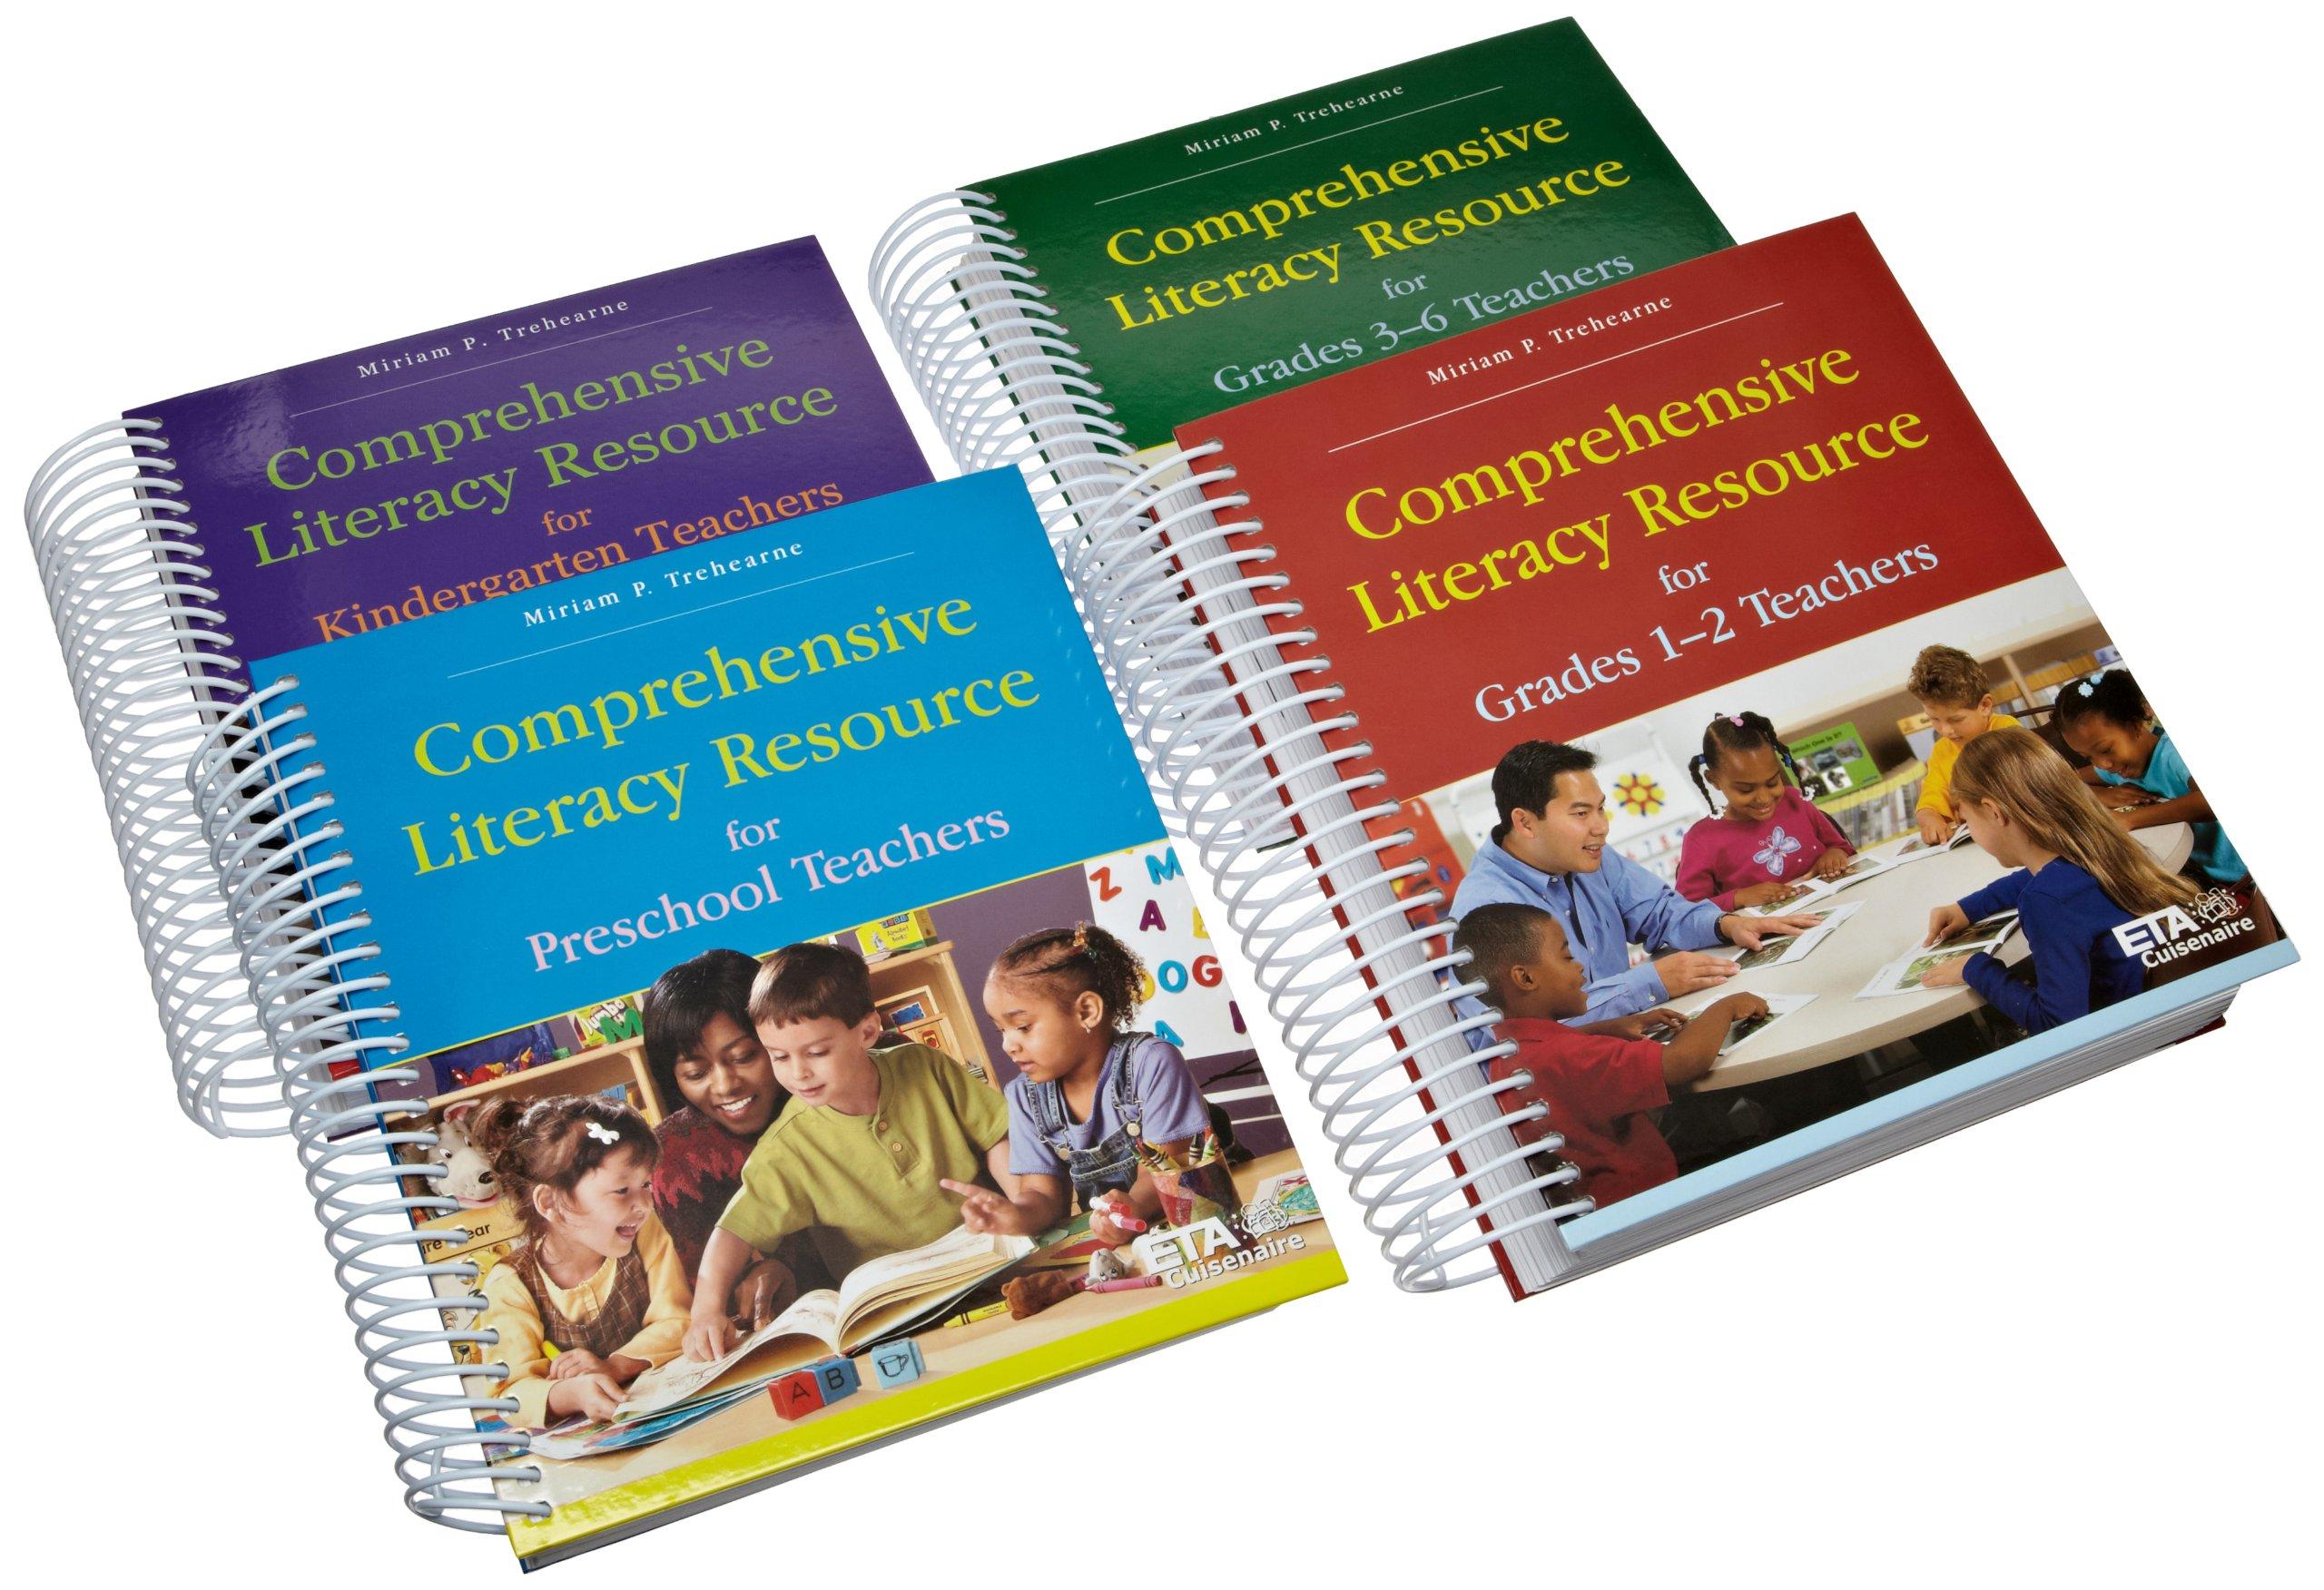 ETA hand2mind Comprehensive Literacy Resource Book Collection, PreK-6